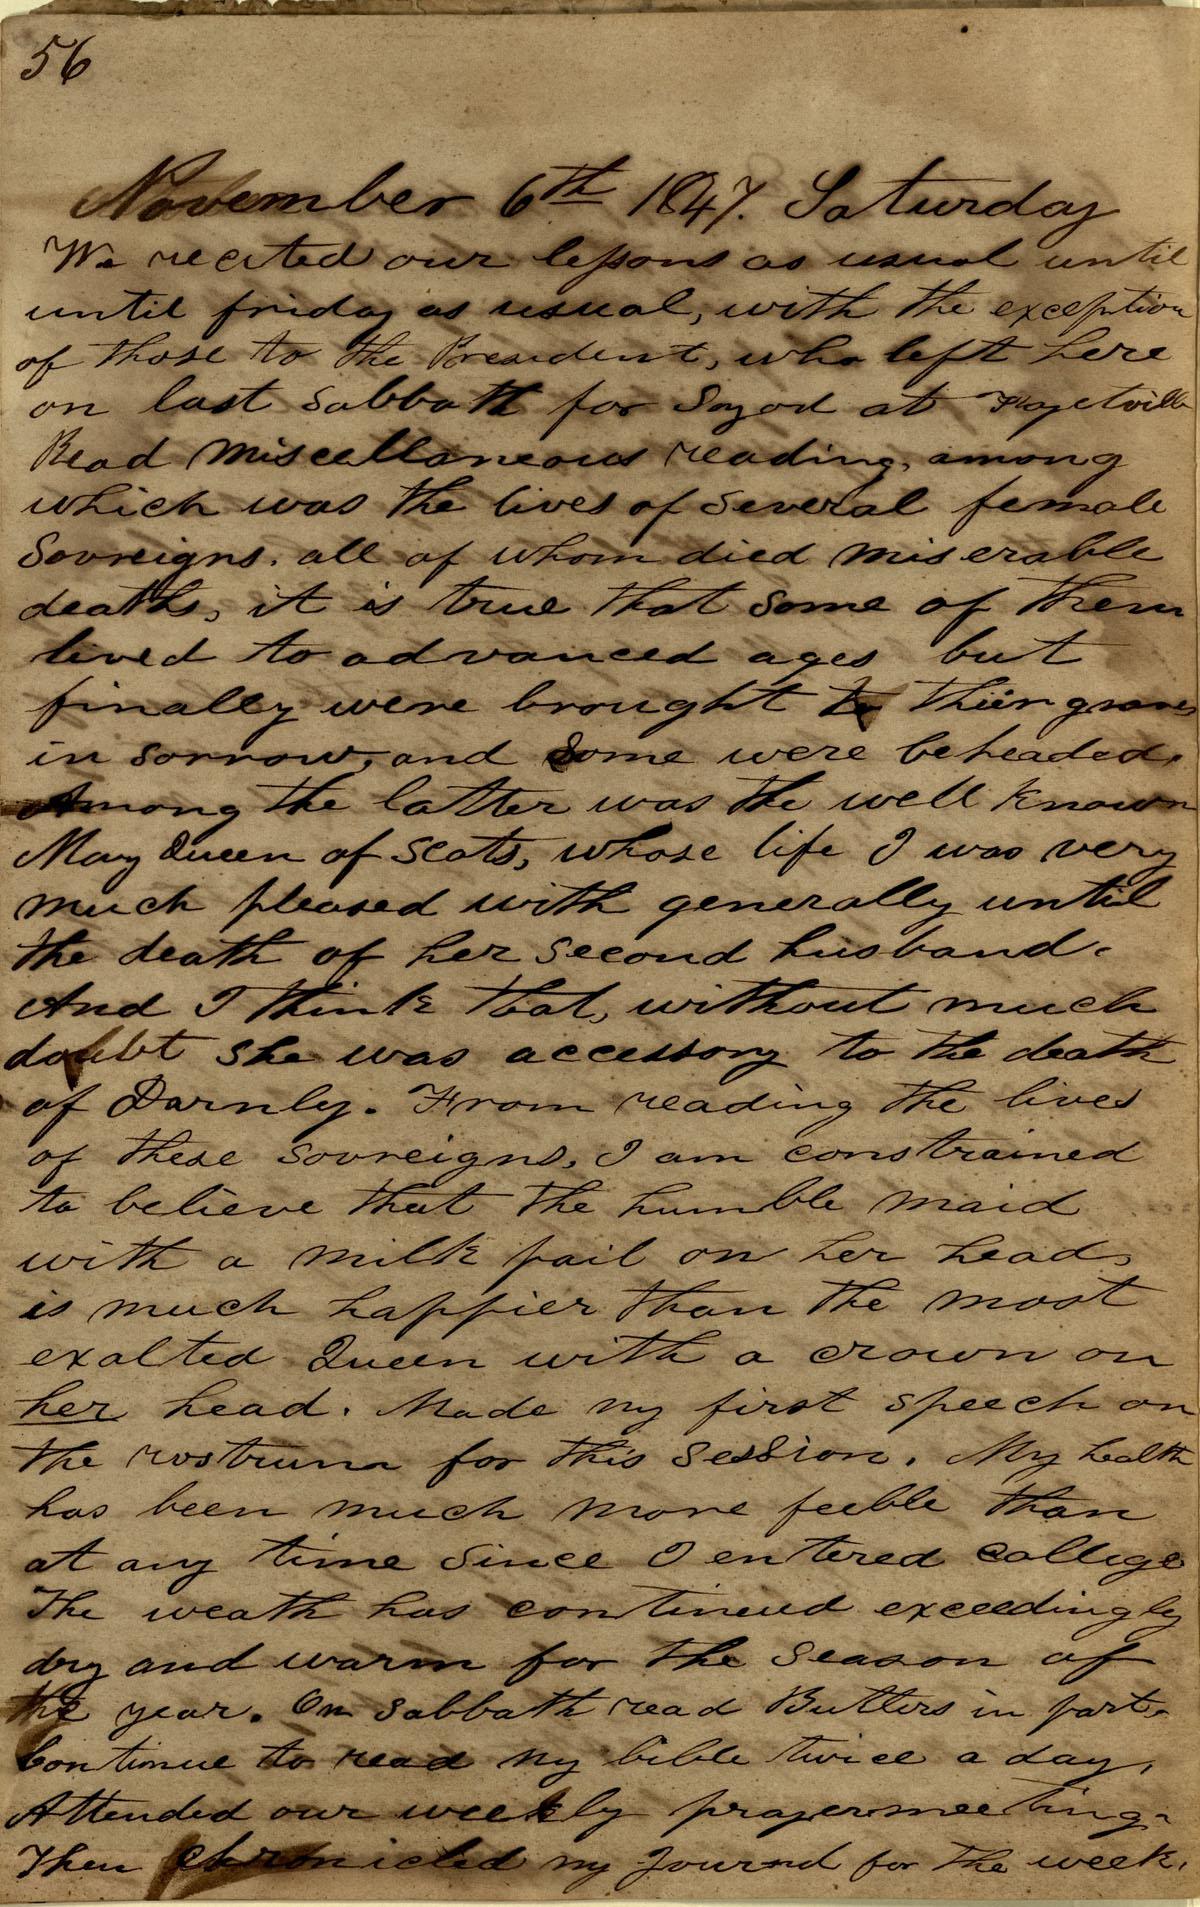 James Diary p.24